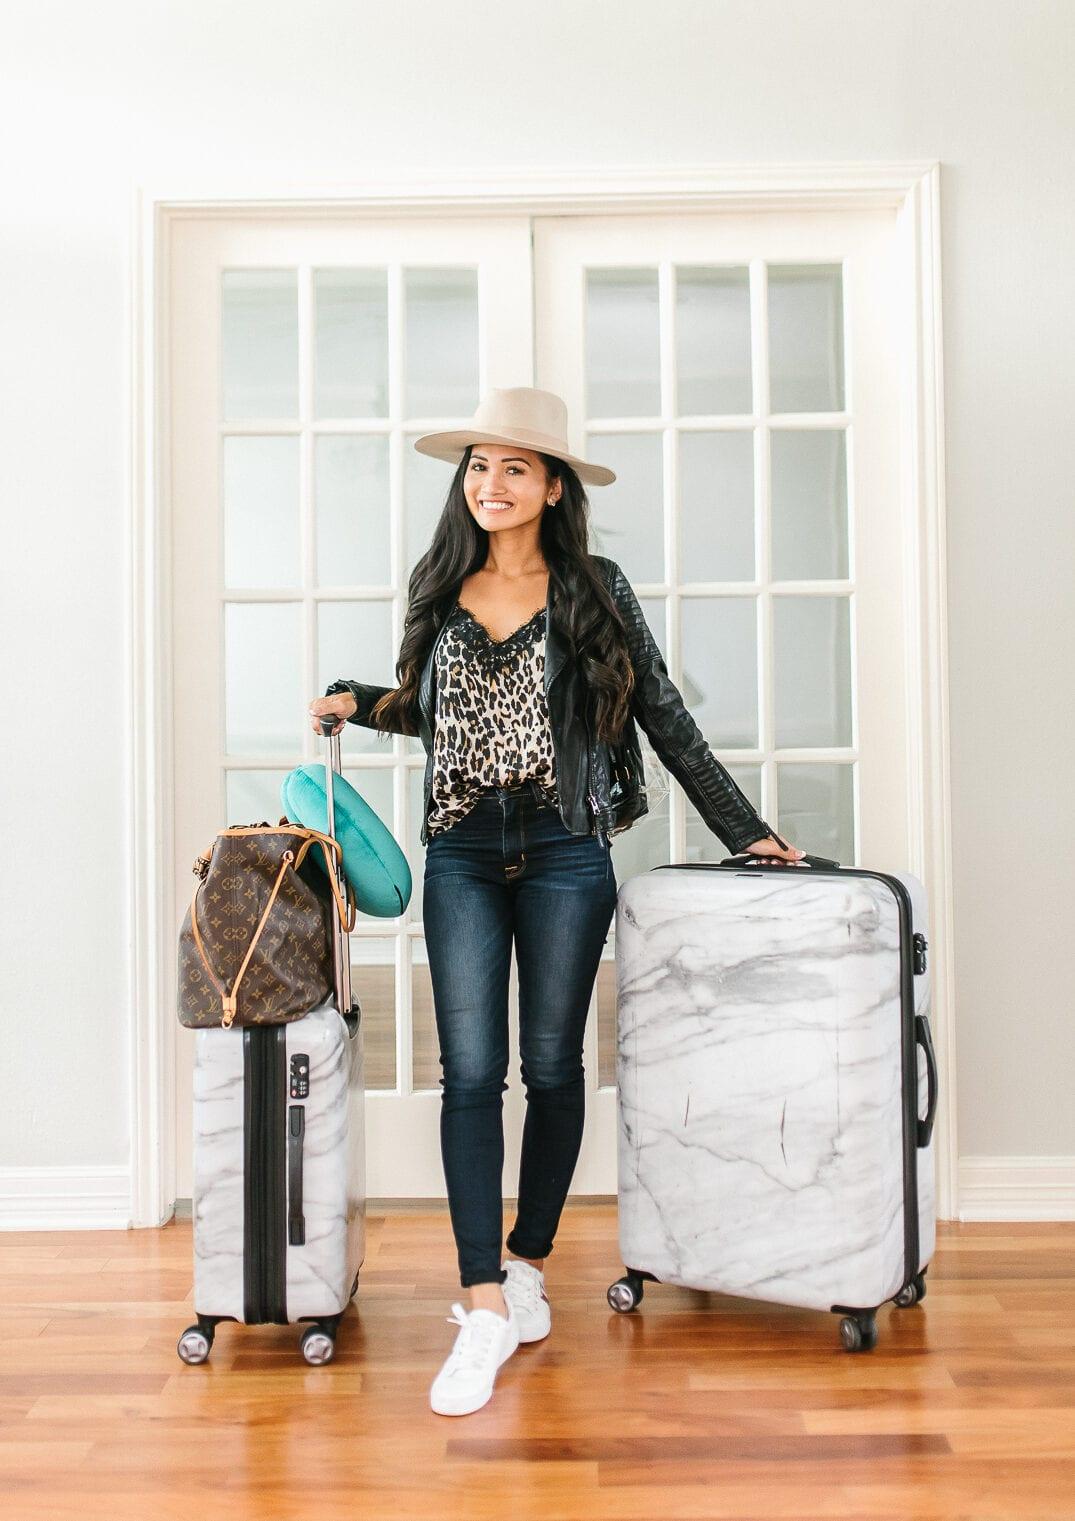 Calpak luggage, Calpak Marble luggage set